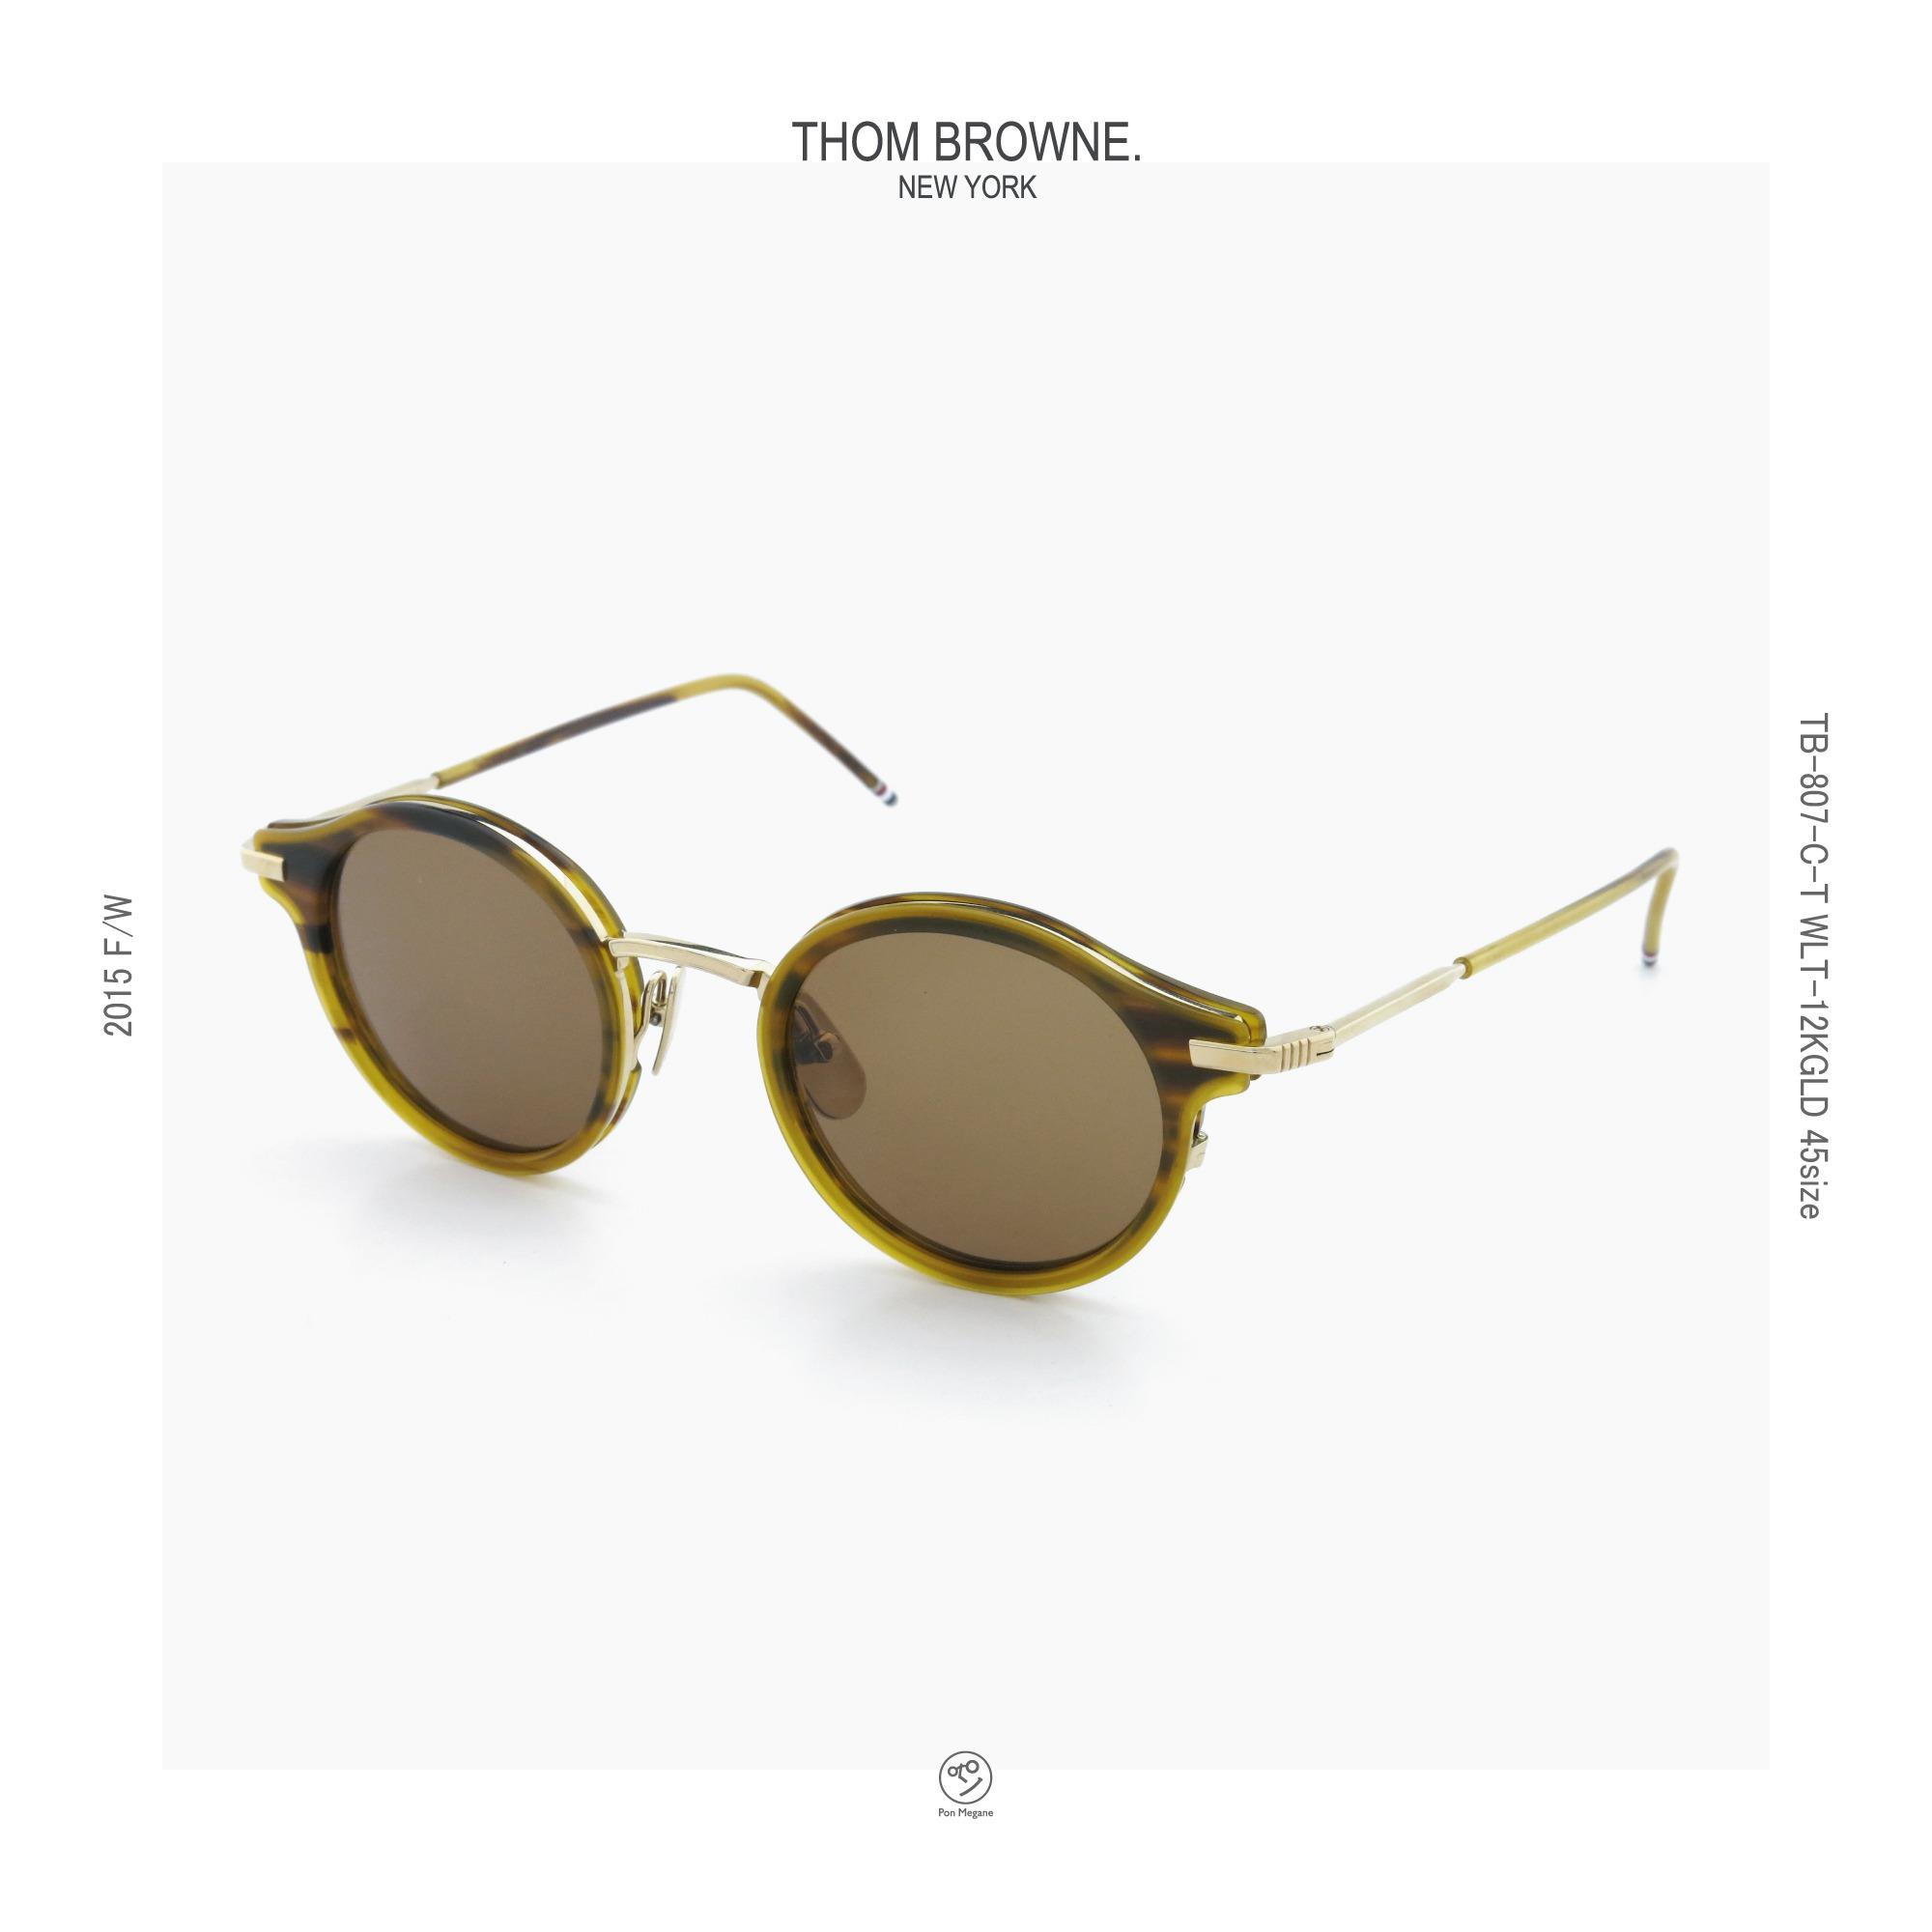 THOM-BROWNE-TB-807-C-T-WLT-12KGLD-45-DBR-insta